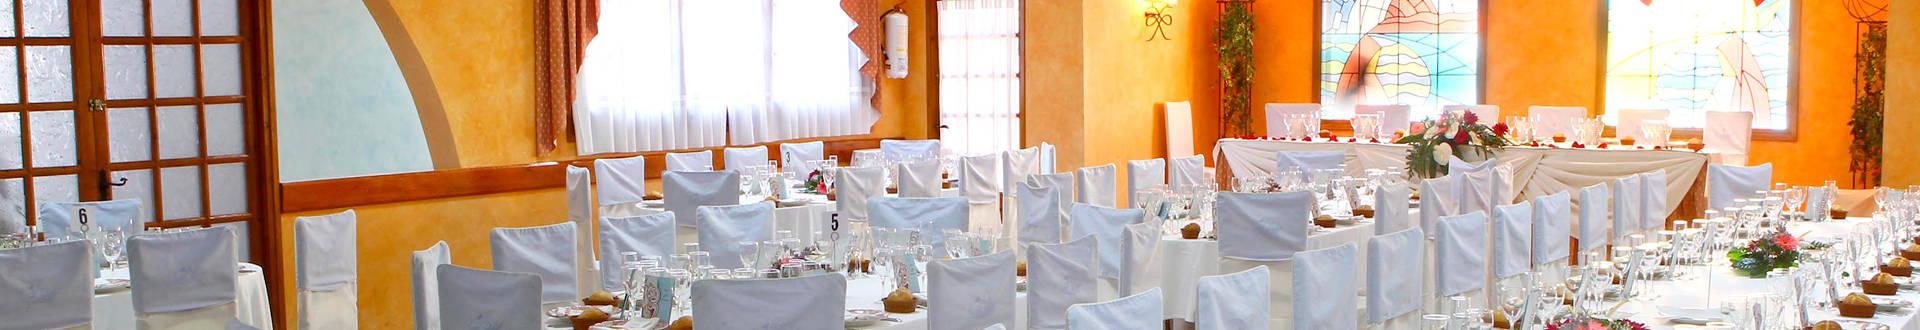 Restaurante Grions Restaurante Sant Feliu De Buixalleu Girona